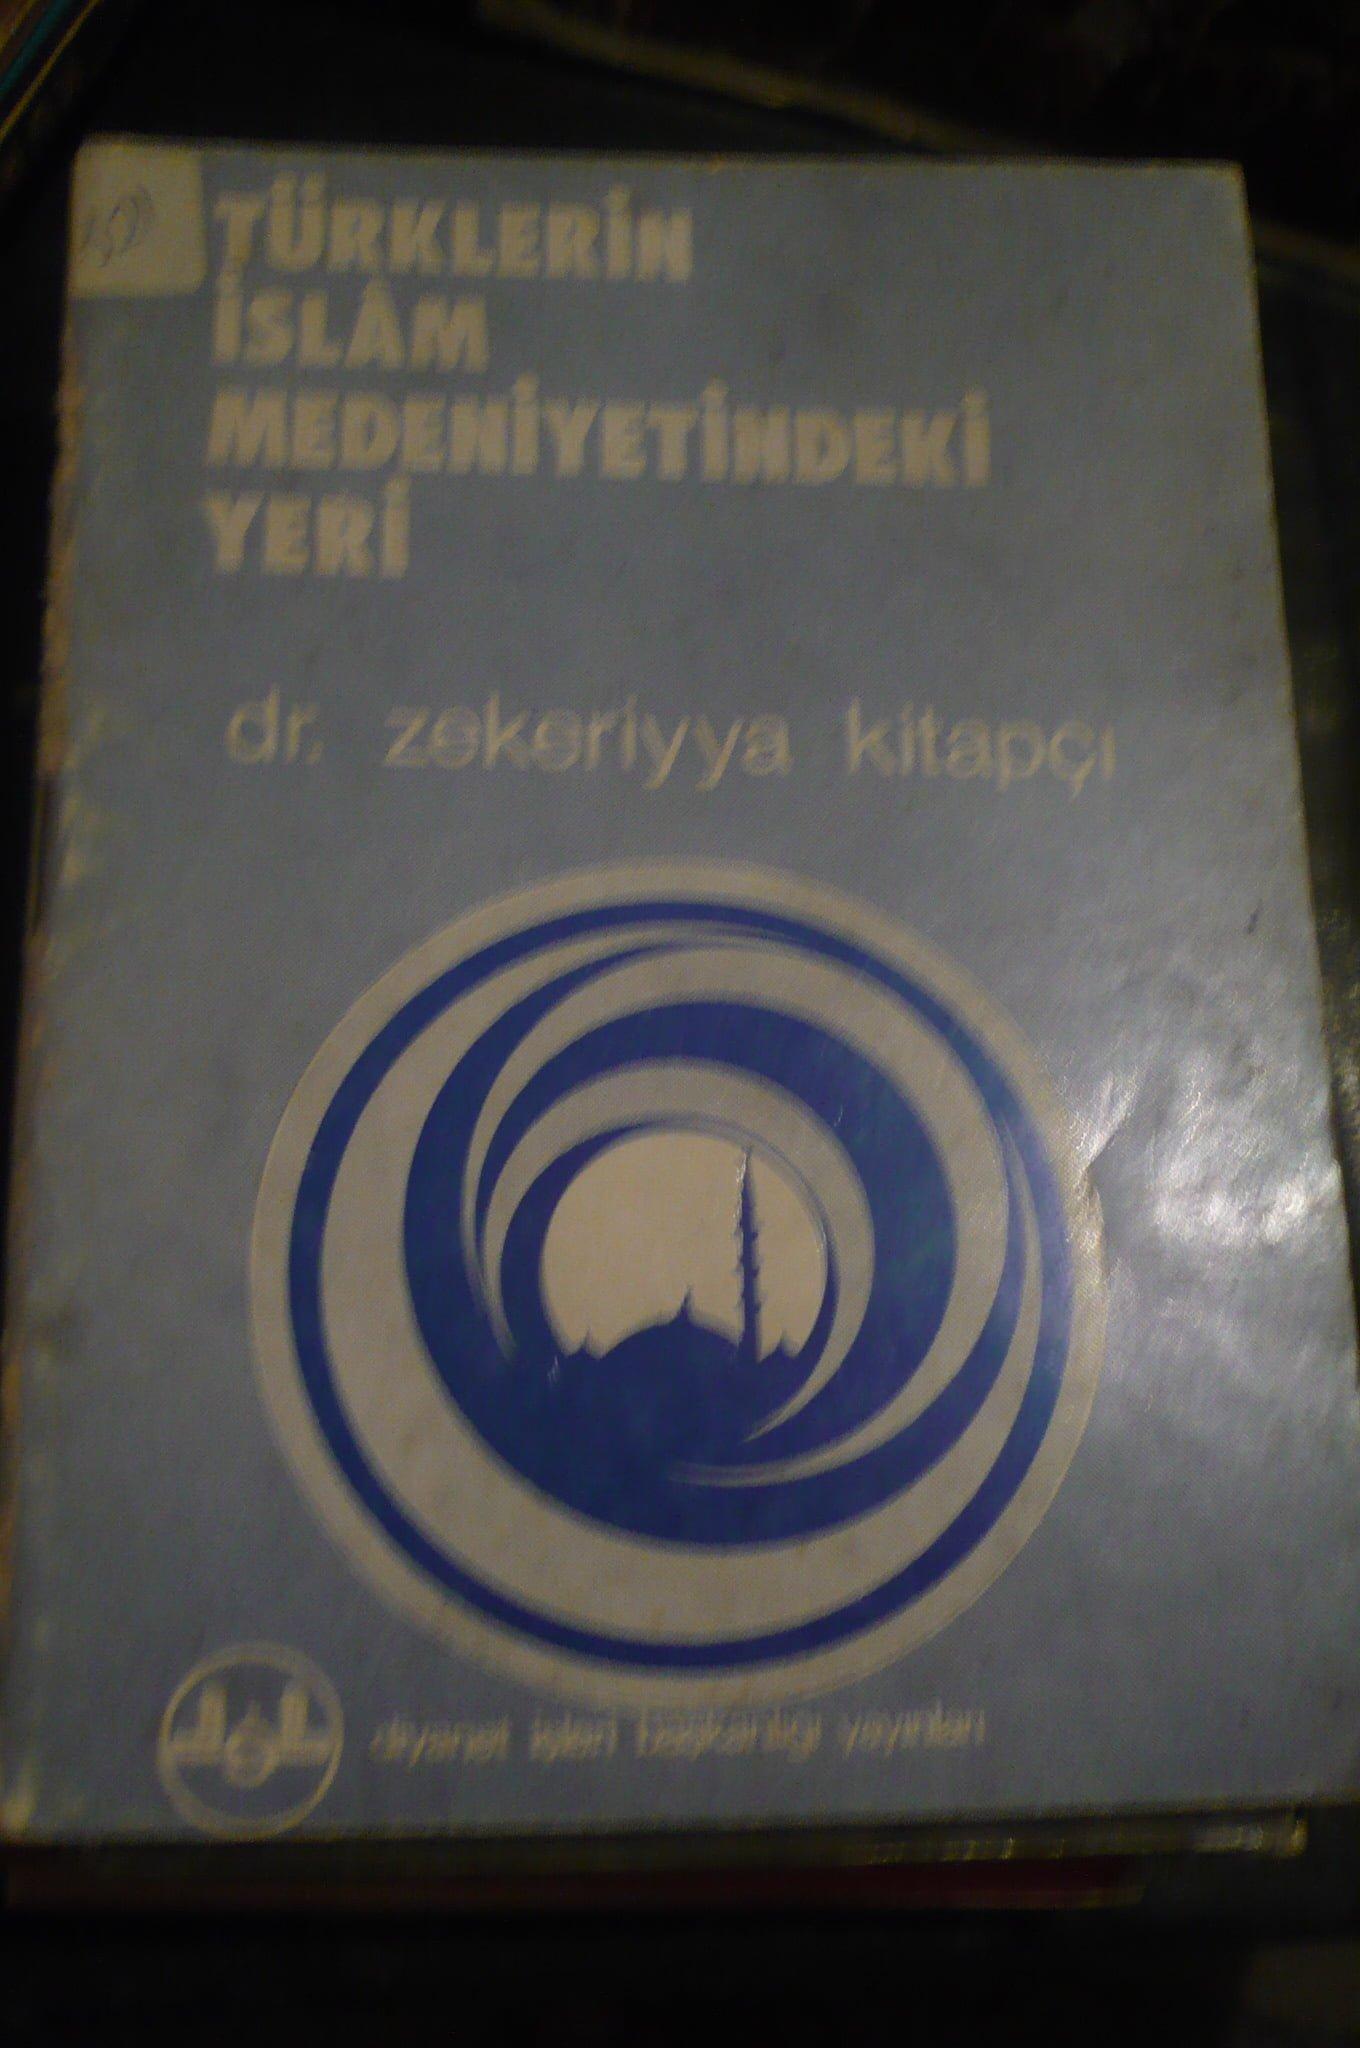 TÜRKLERİN İSLAM MEDENİYETİNDEKİ YERİ/Zekeriya KİTAPÇI/ 10 TL